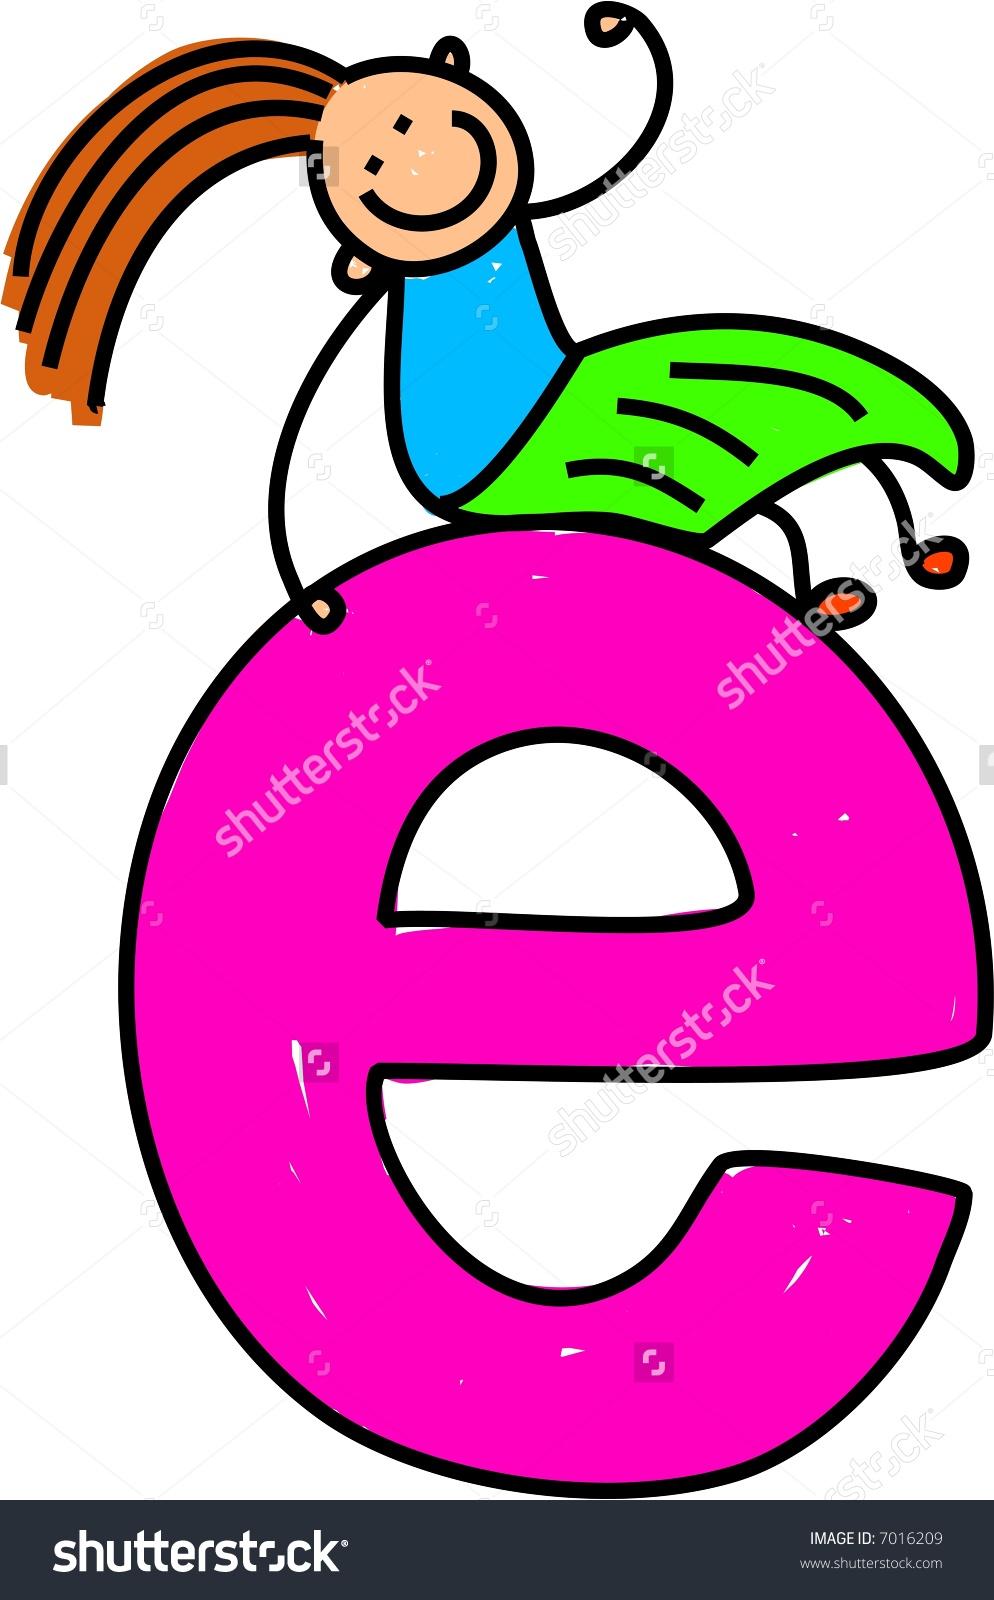 Letter E Girl Lowercase Version Stock Vector 7016209.